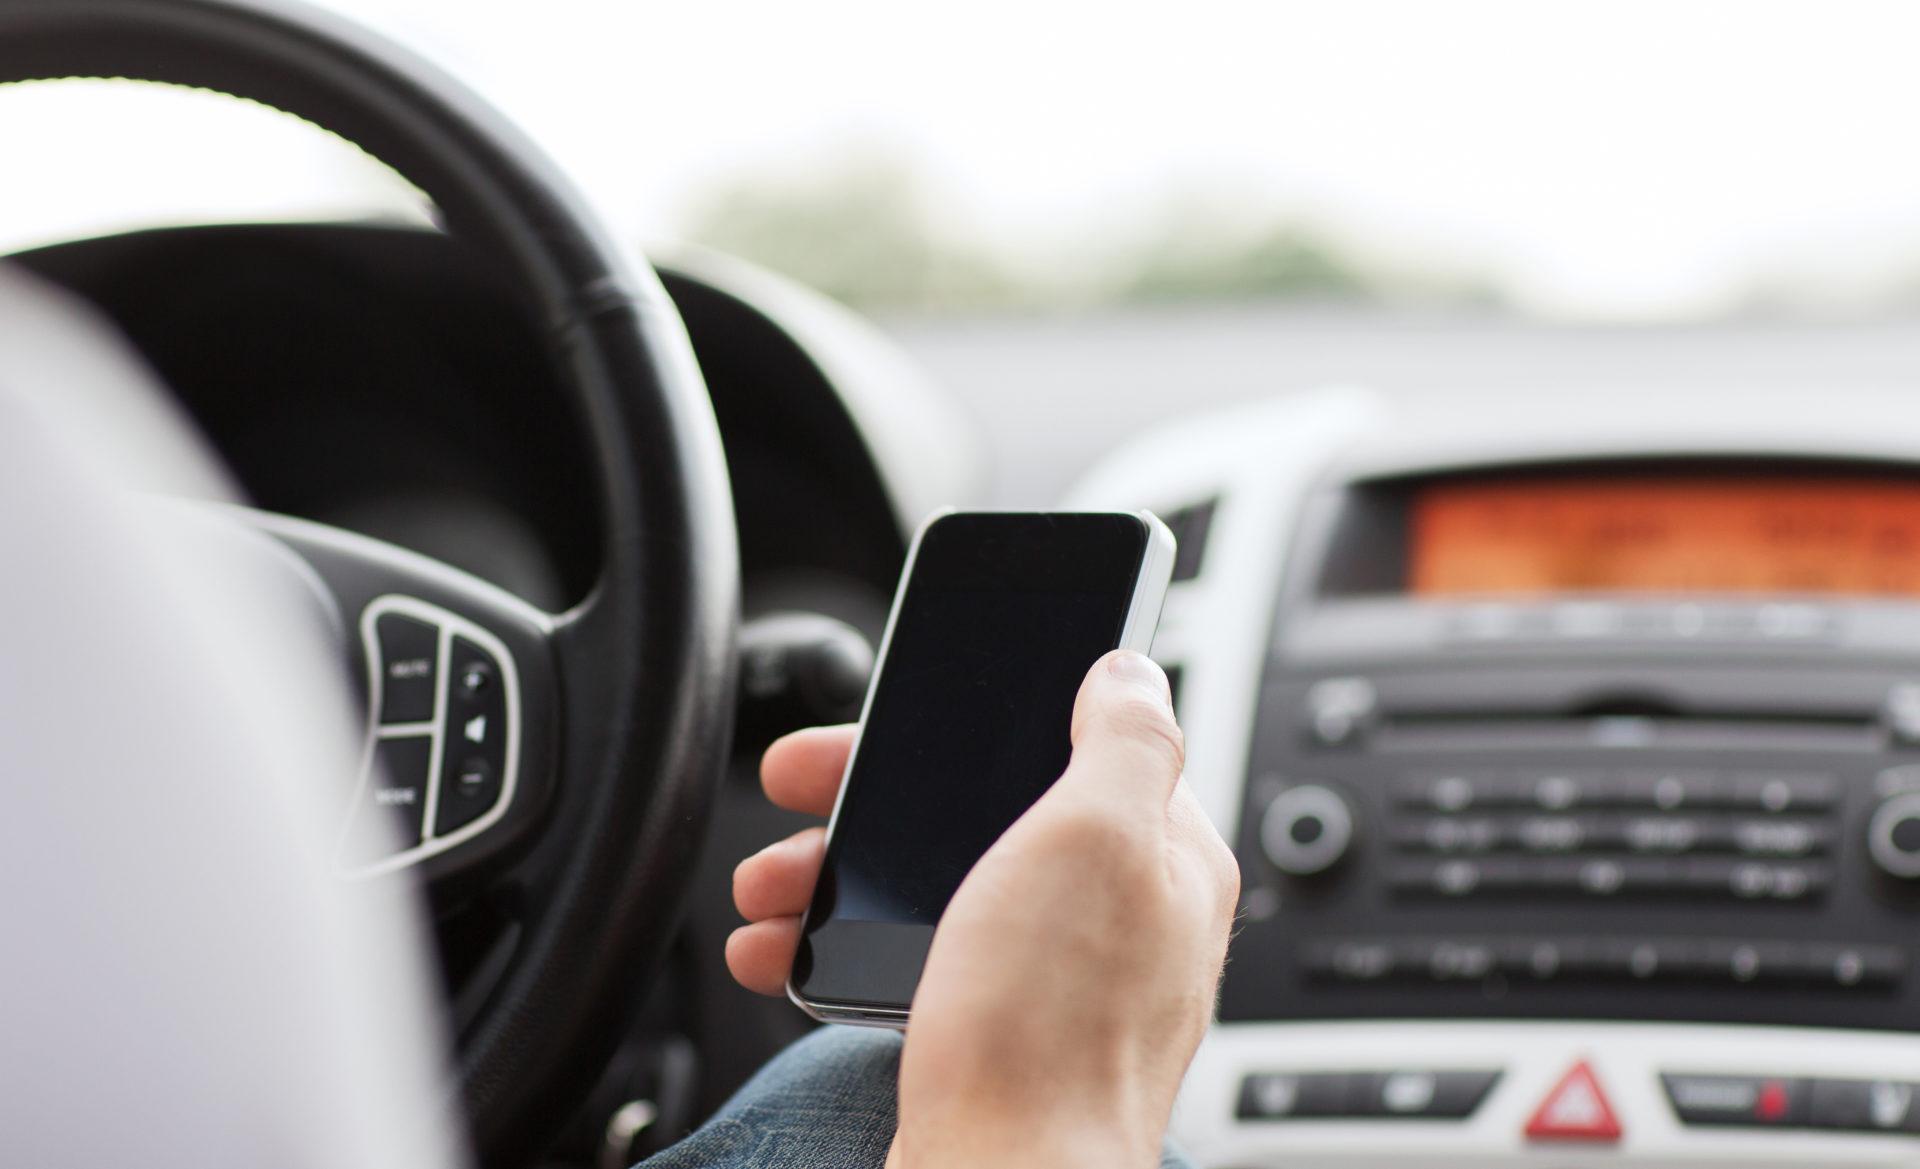 mi carro-app-aplicacion-coche-tecnologia-innovacion-vehiculos-bbva